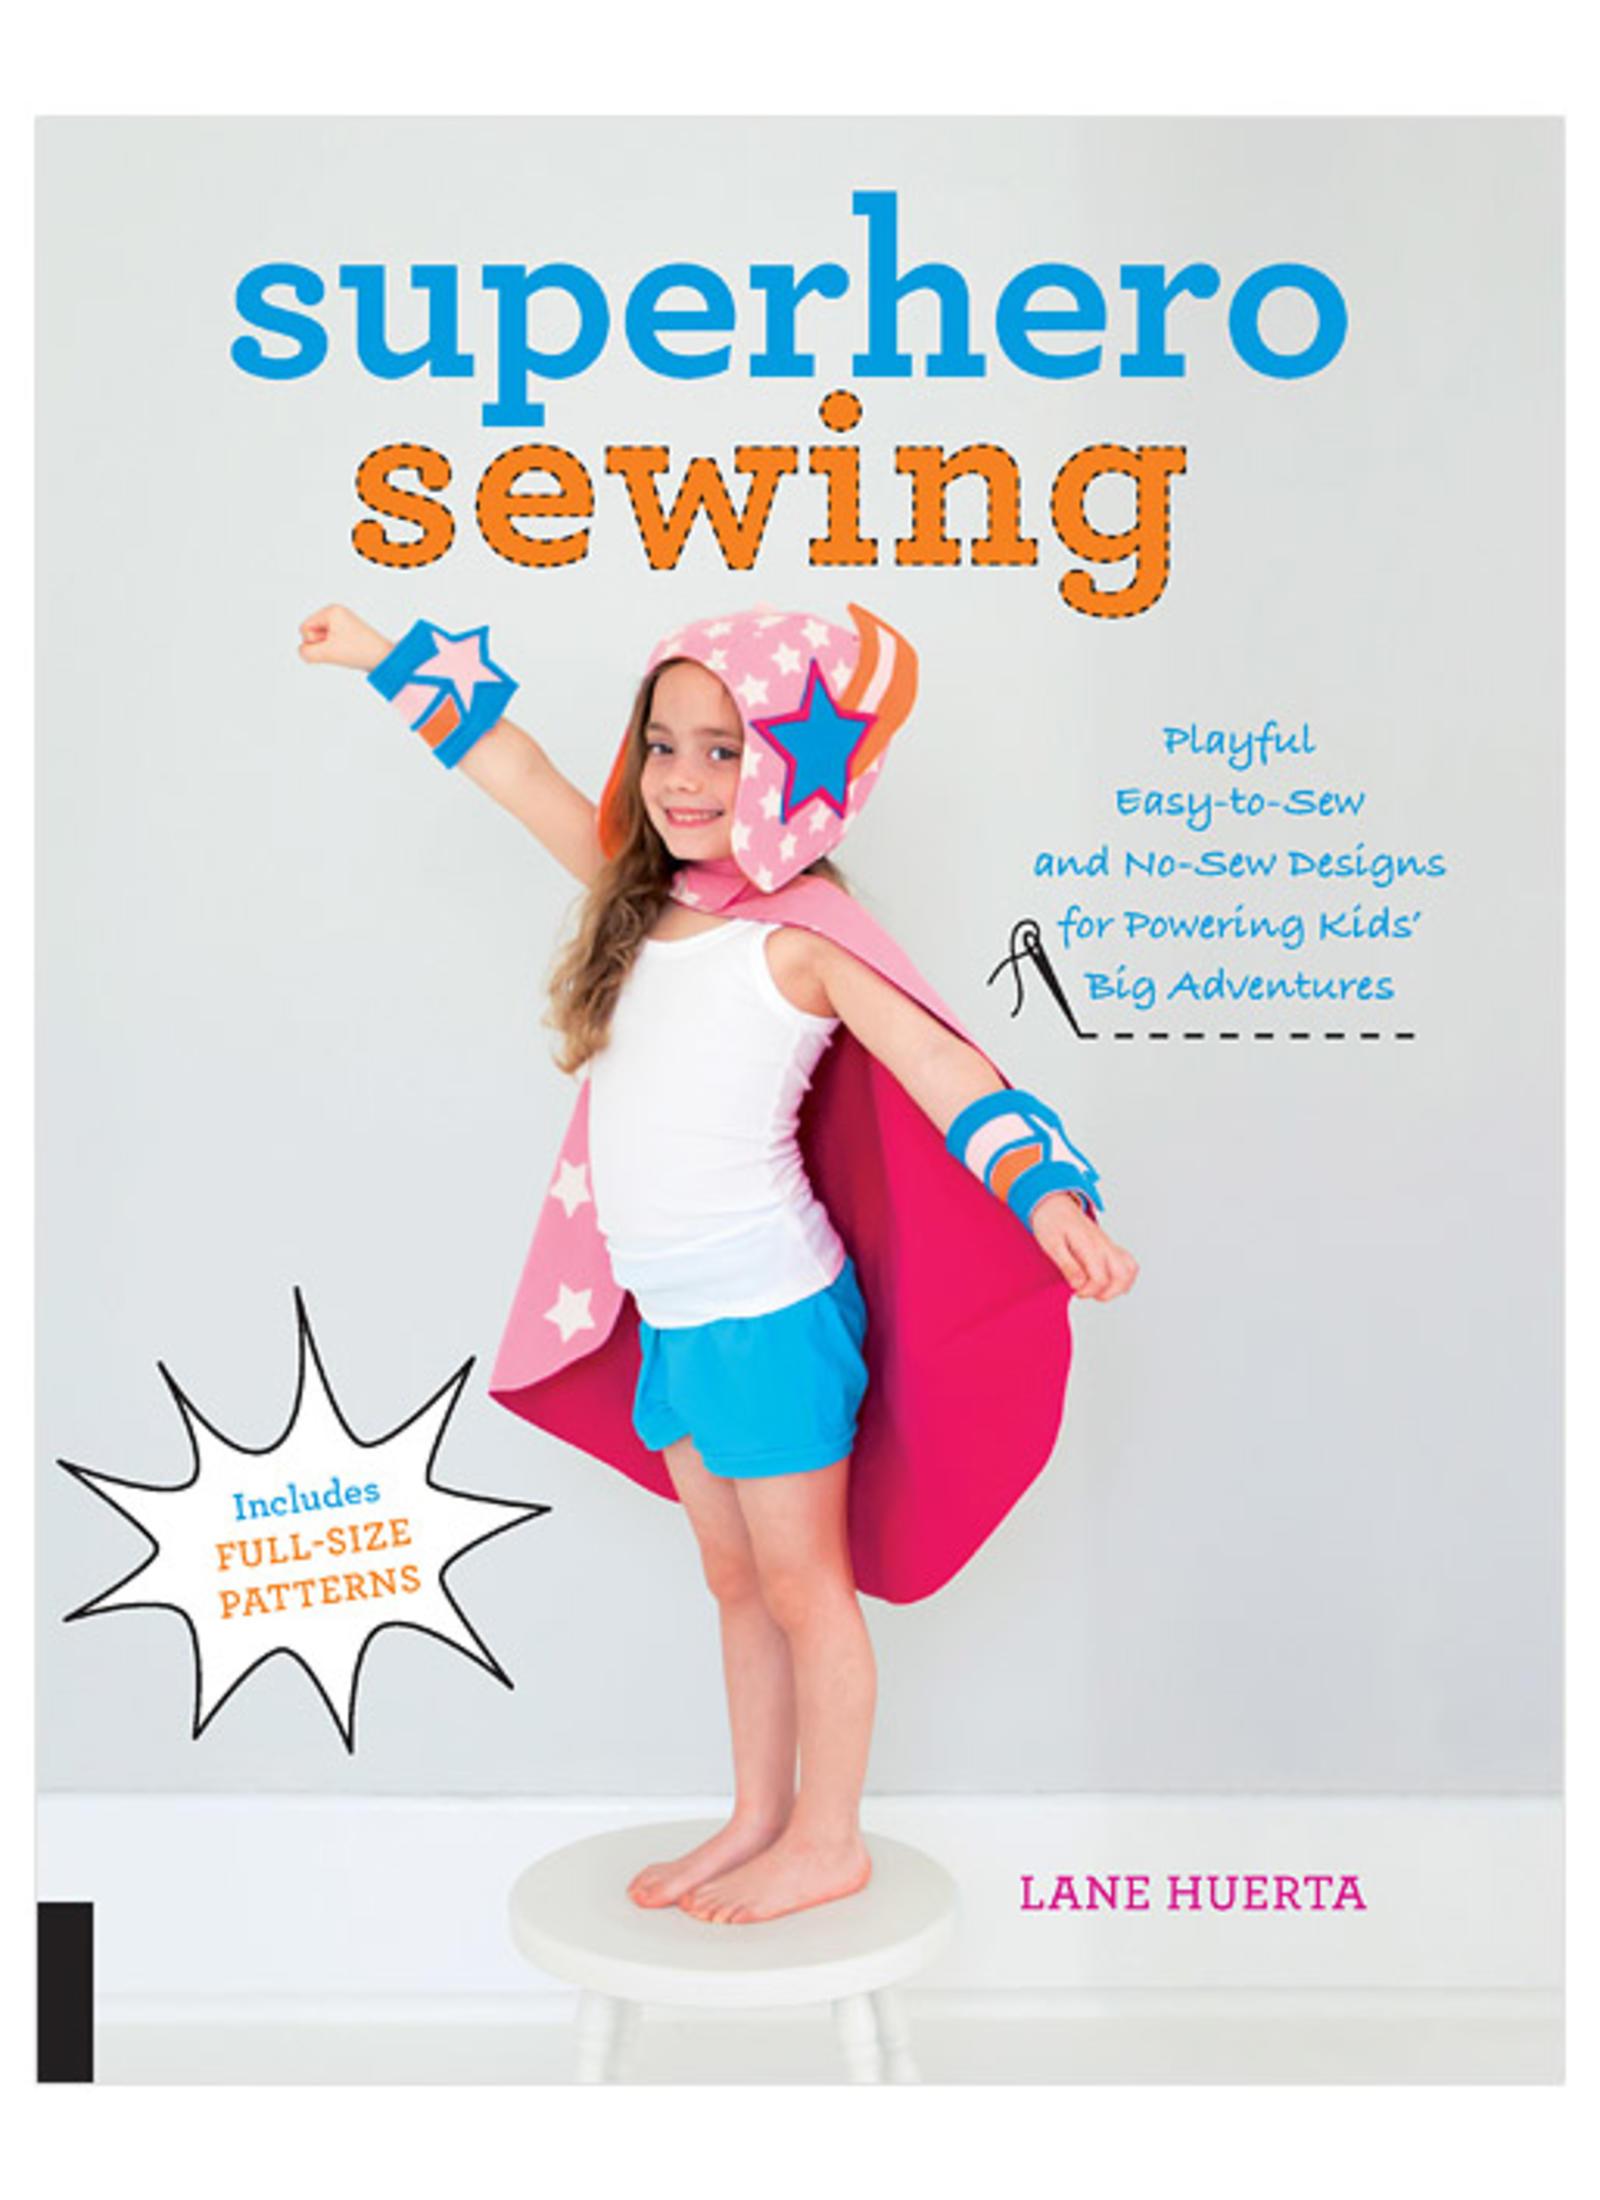 Superhero Sewing - Lane Huerta